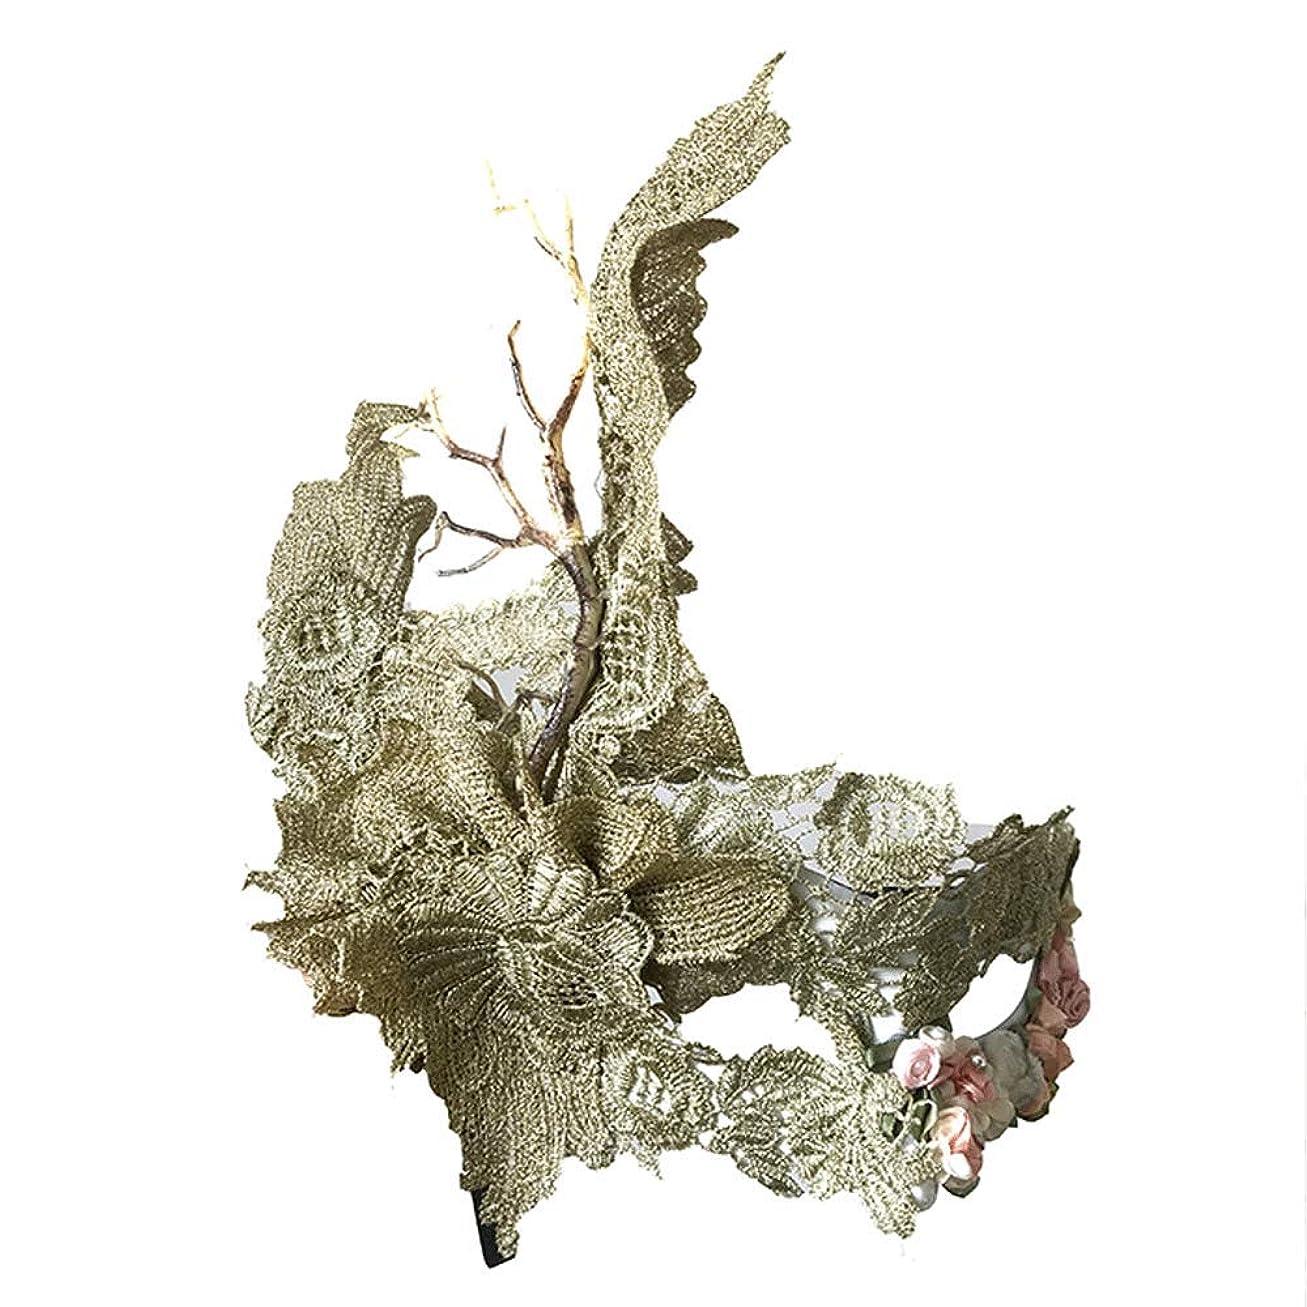 決定的ハンカチ無効Nanle ハロウィーン手刺繍乾燥ブランチマスク仮装マスクレディミスプリンセス美容祭パーティー装飾マスク